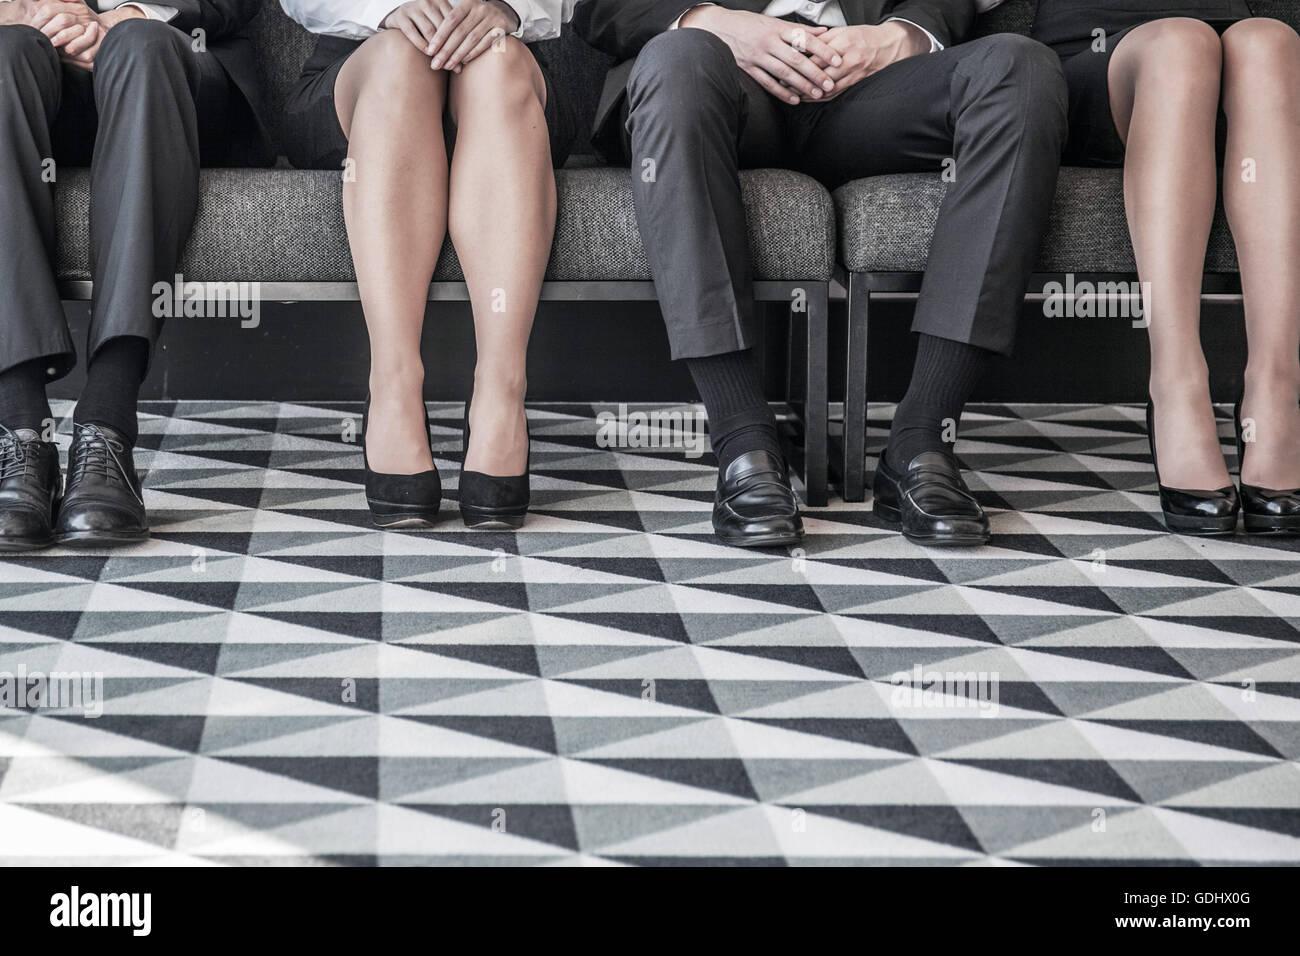 Les personnes en attente d'entrevue d'emploi assis dans une rangée Photo Stock